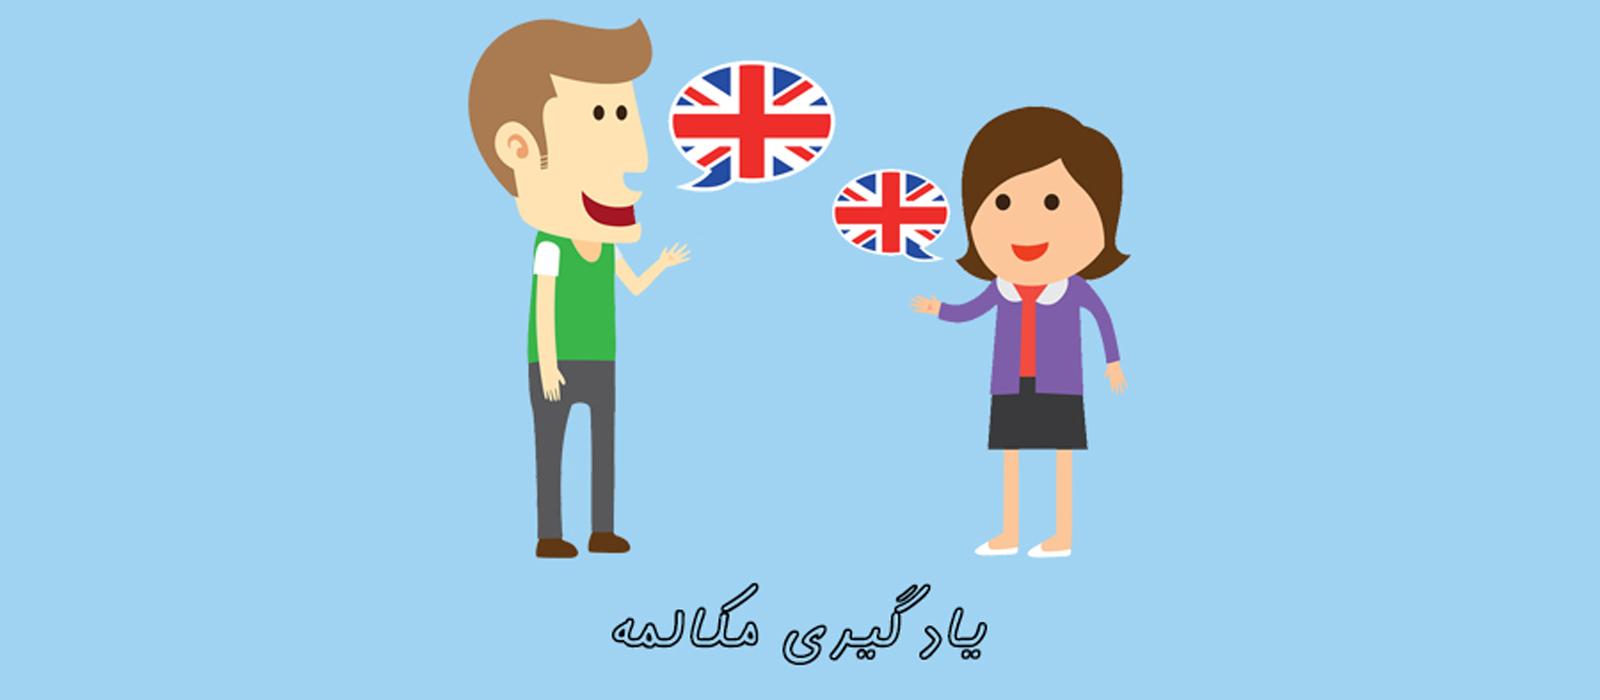 یادگیری مکالمه سریع زبان انگلیسی